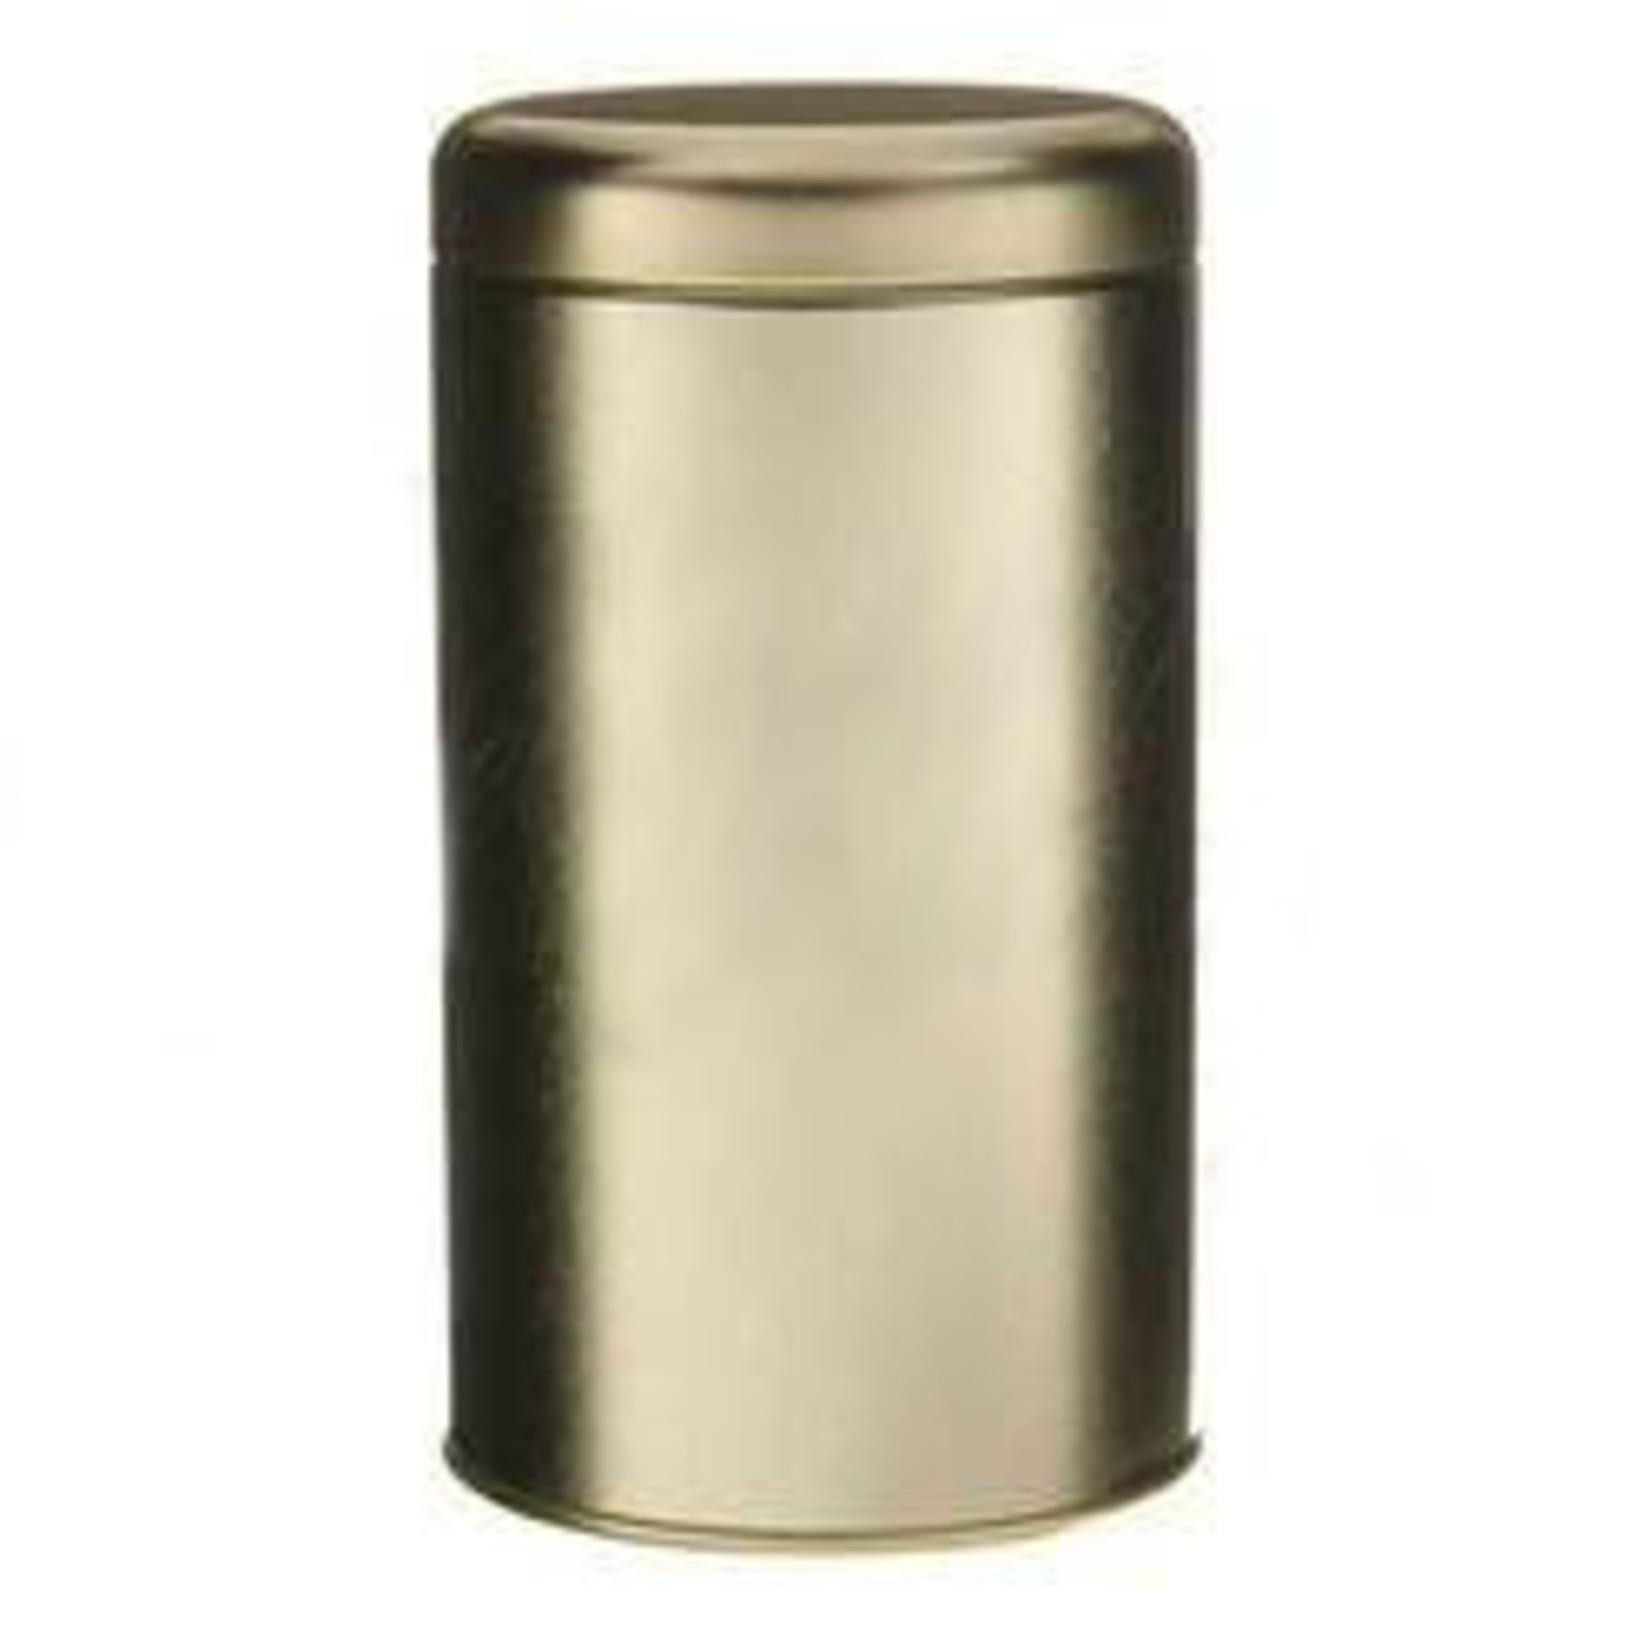 Metropolitan Tea Tea Tin Medium Gold- 100g/3.5oz